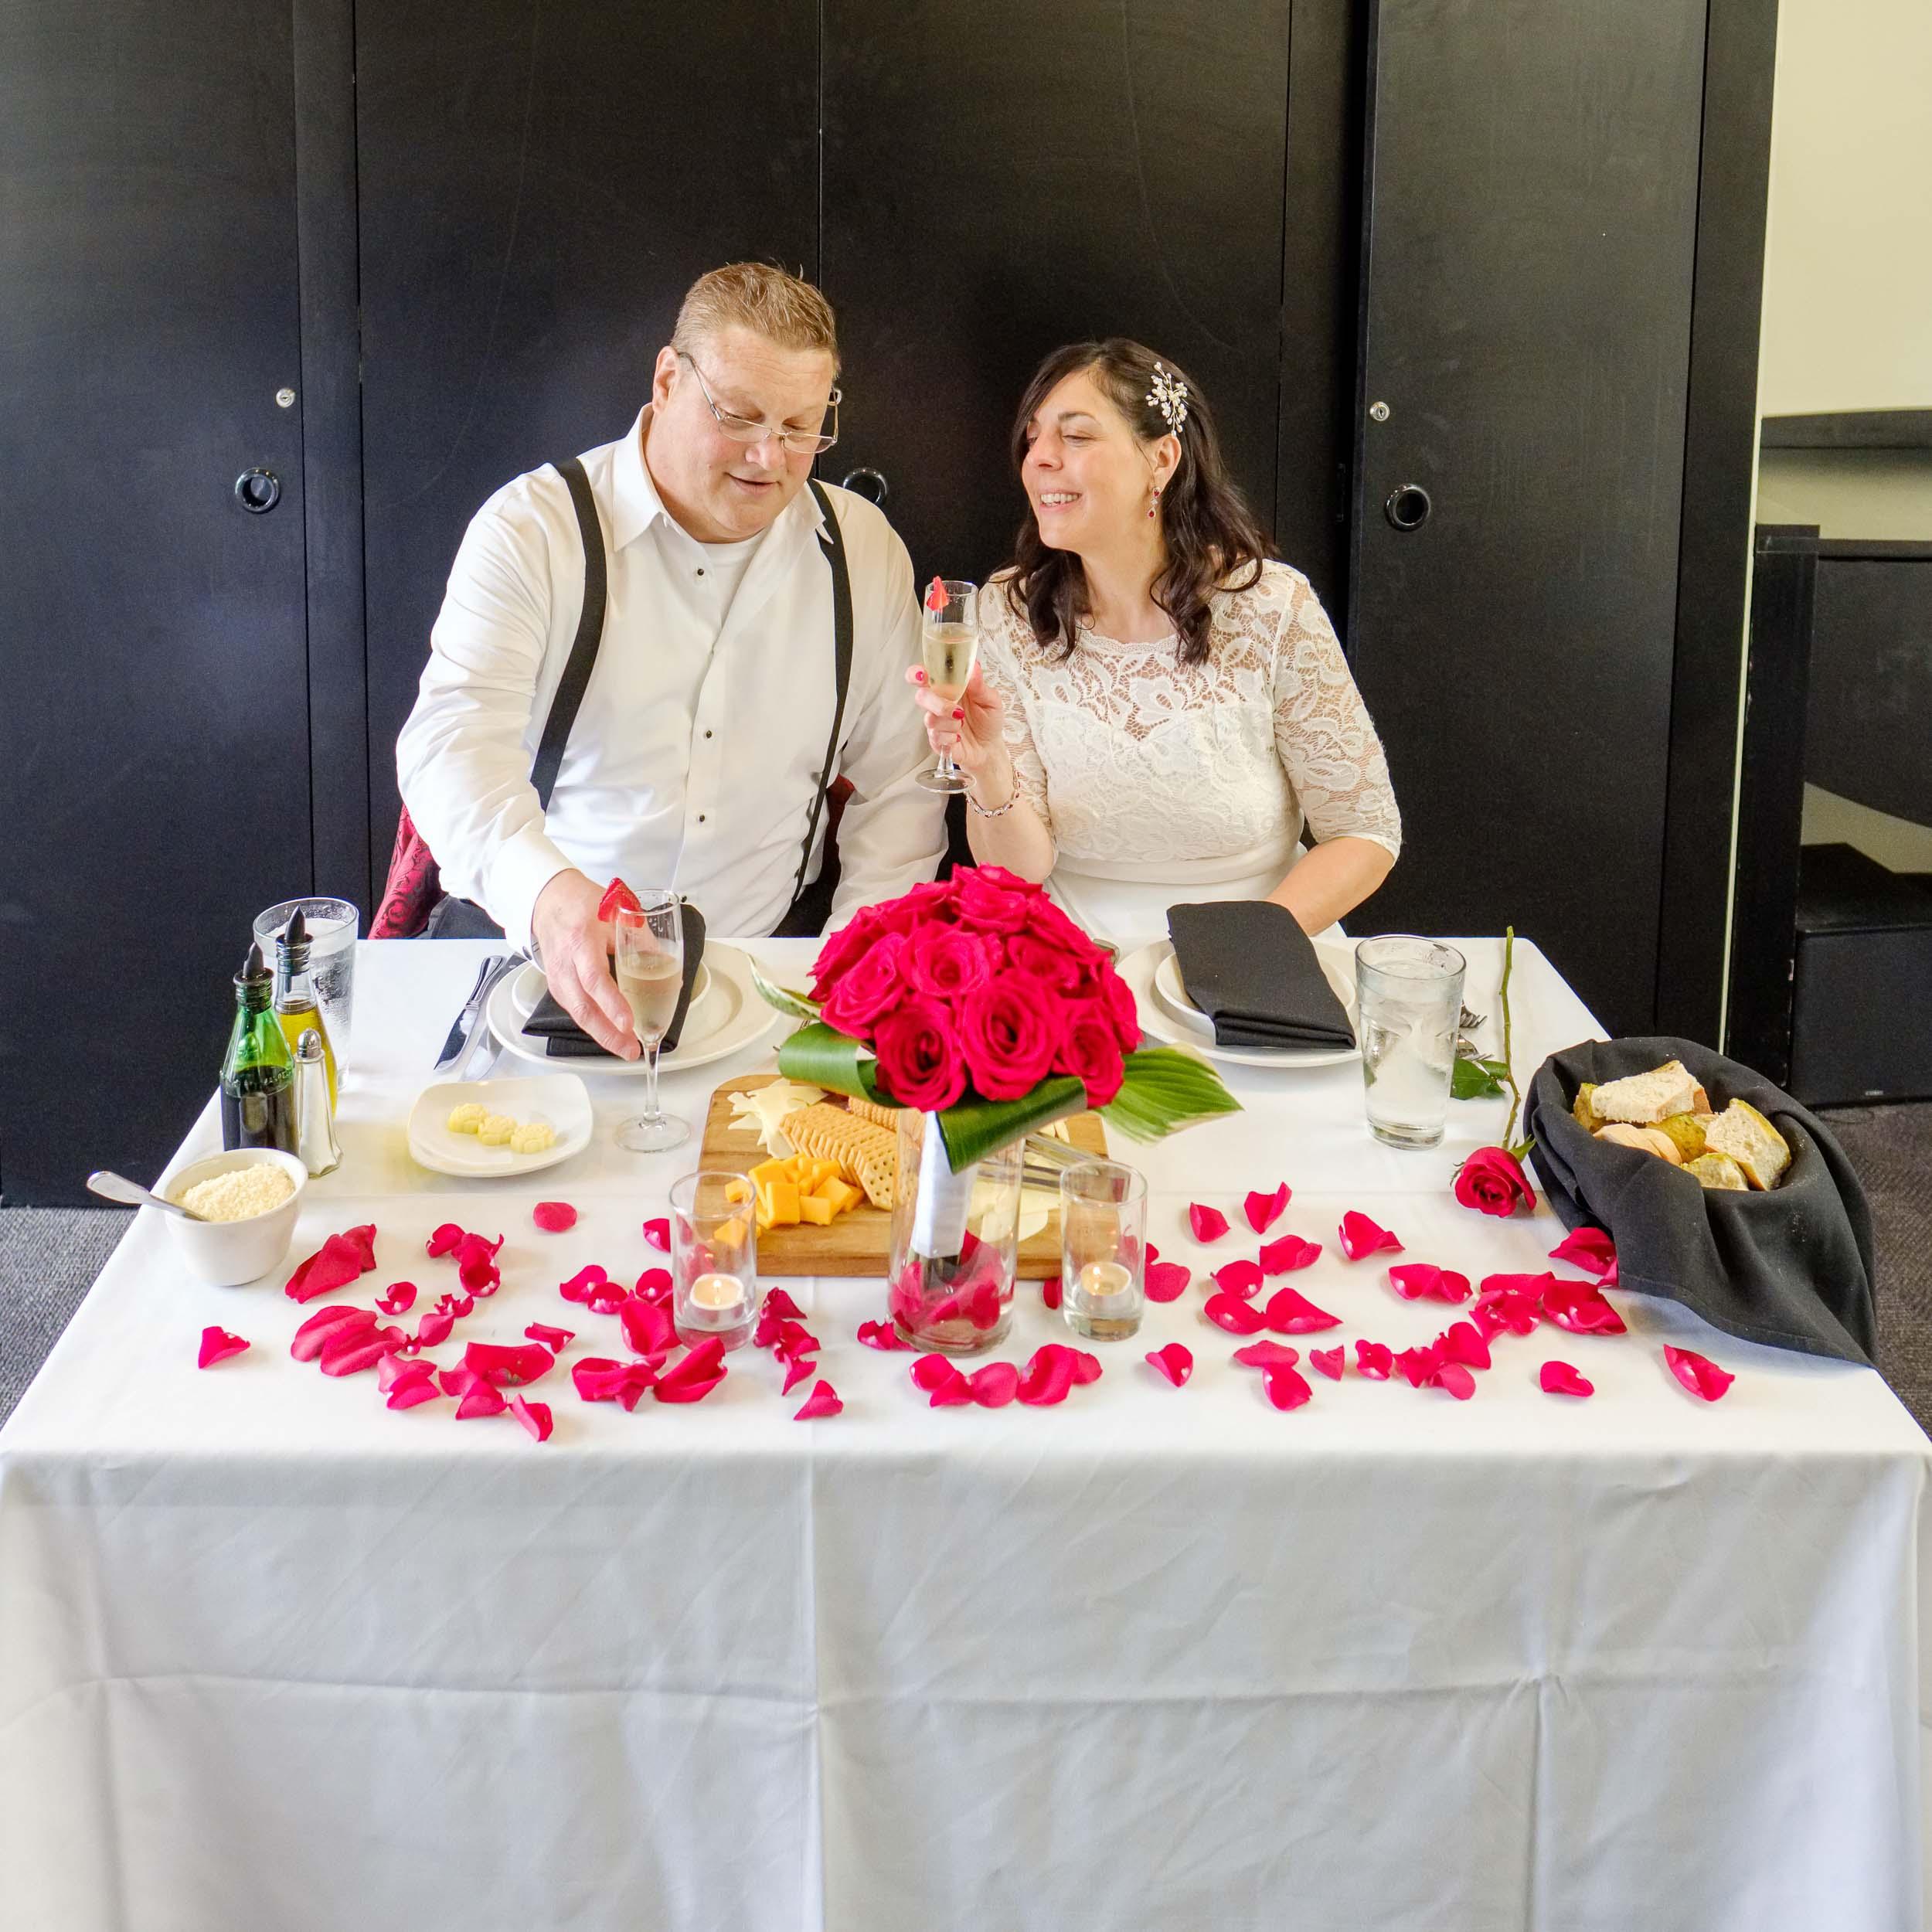 schmidt_wedding-1236.jpg